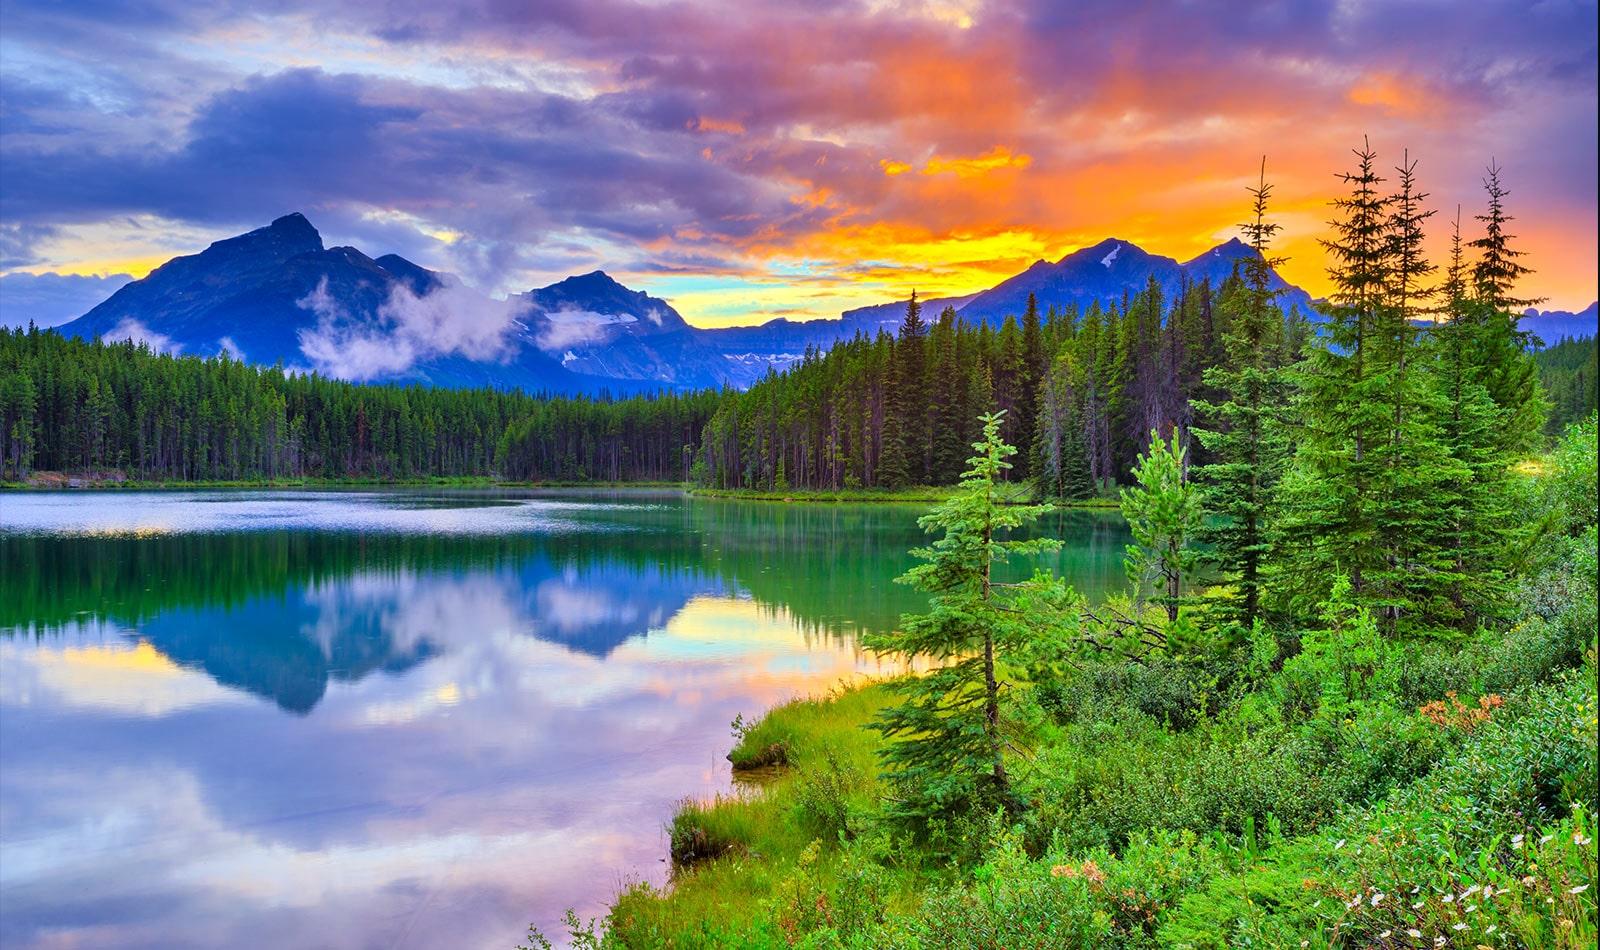 Thẻ này mô tả chất lượng hình ảnh. Hình ảnh hoàng hôn đầy màu sắc trong một hồ nước với những khu rừng bao quanh.